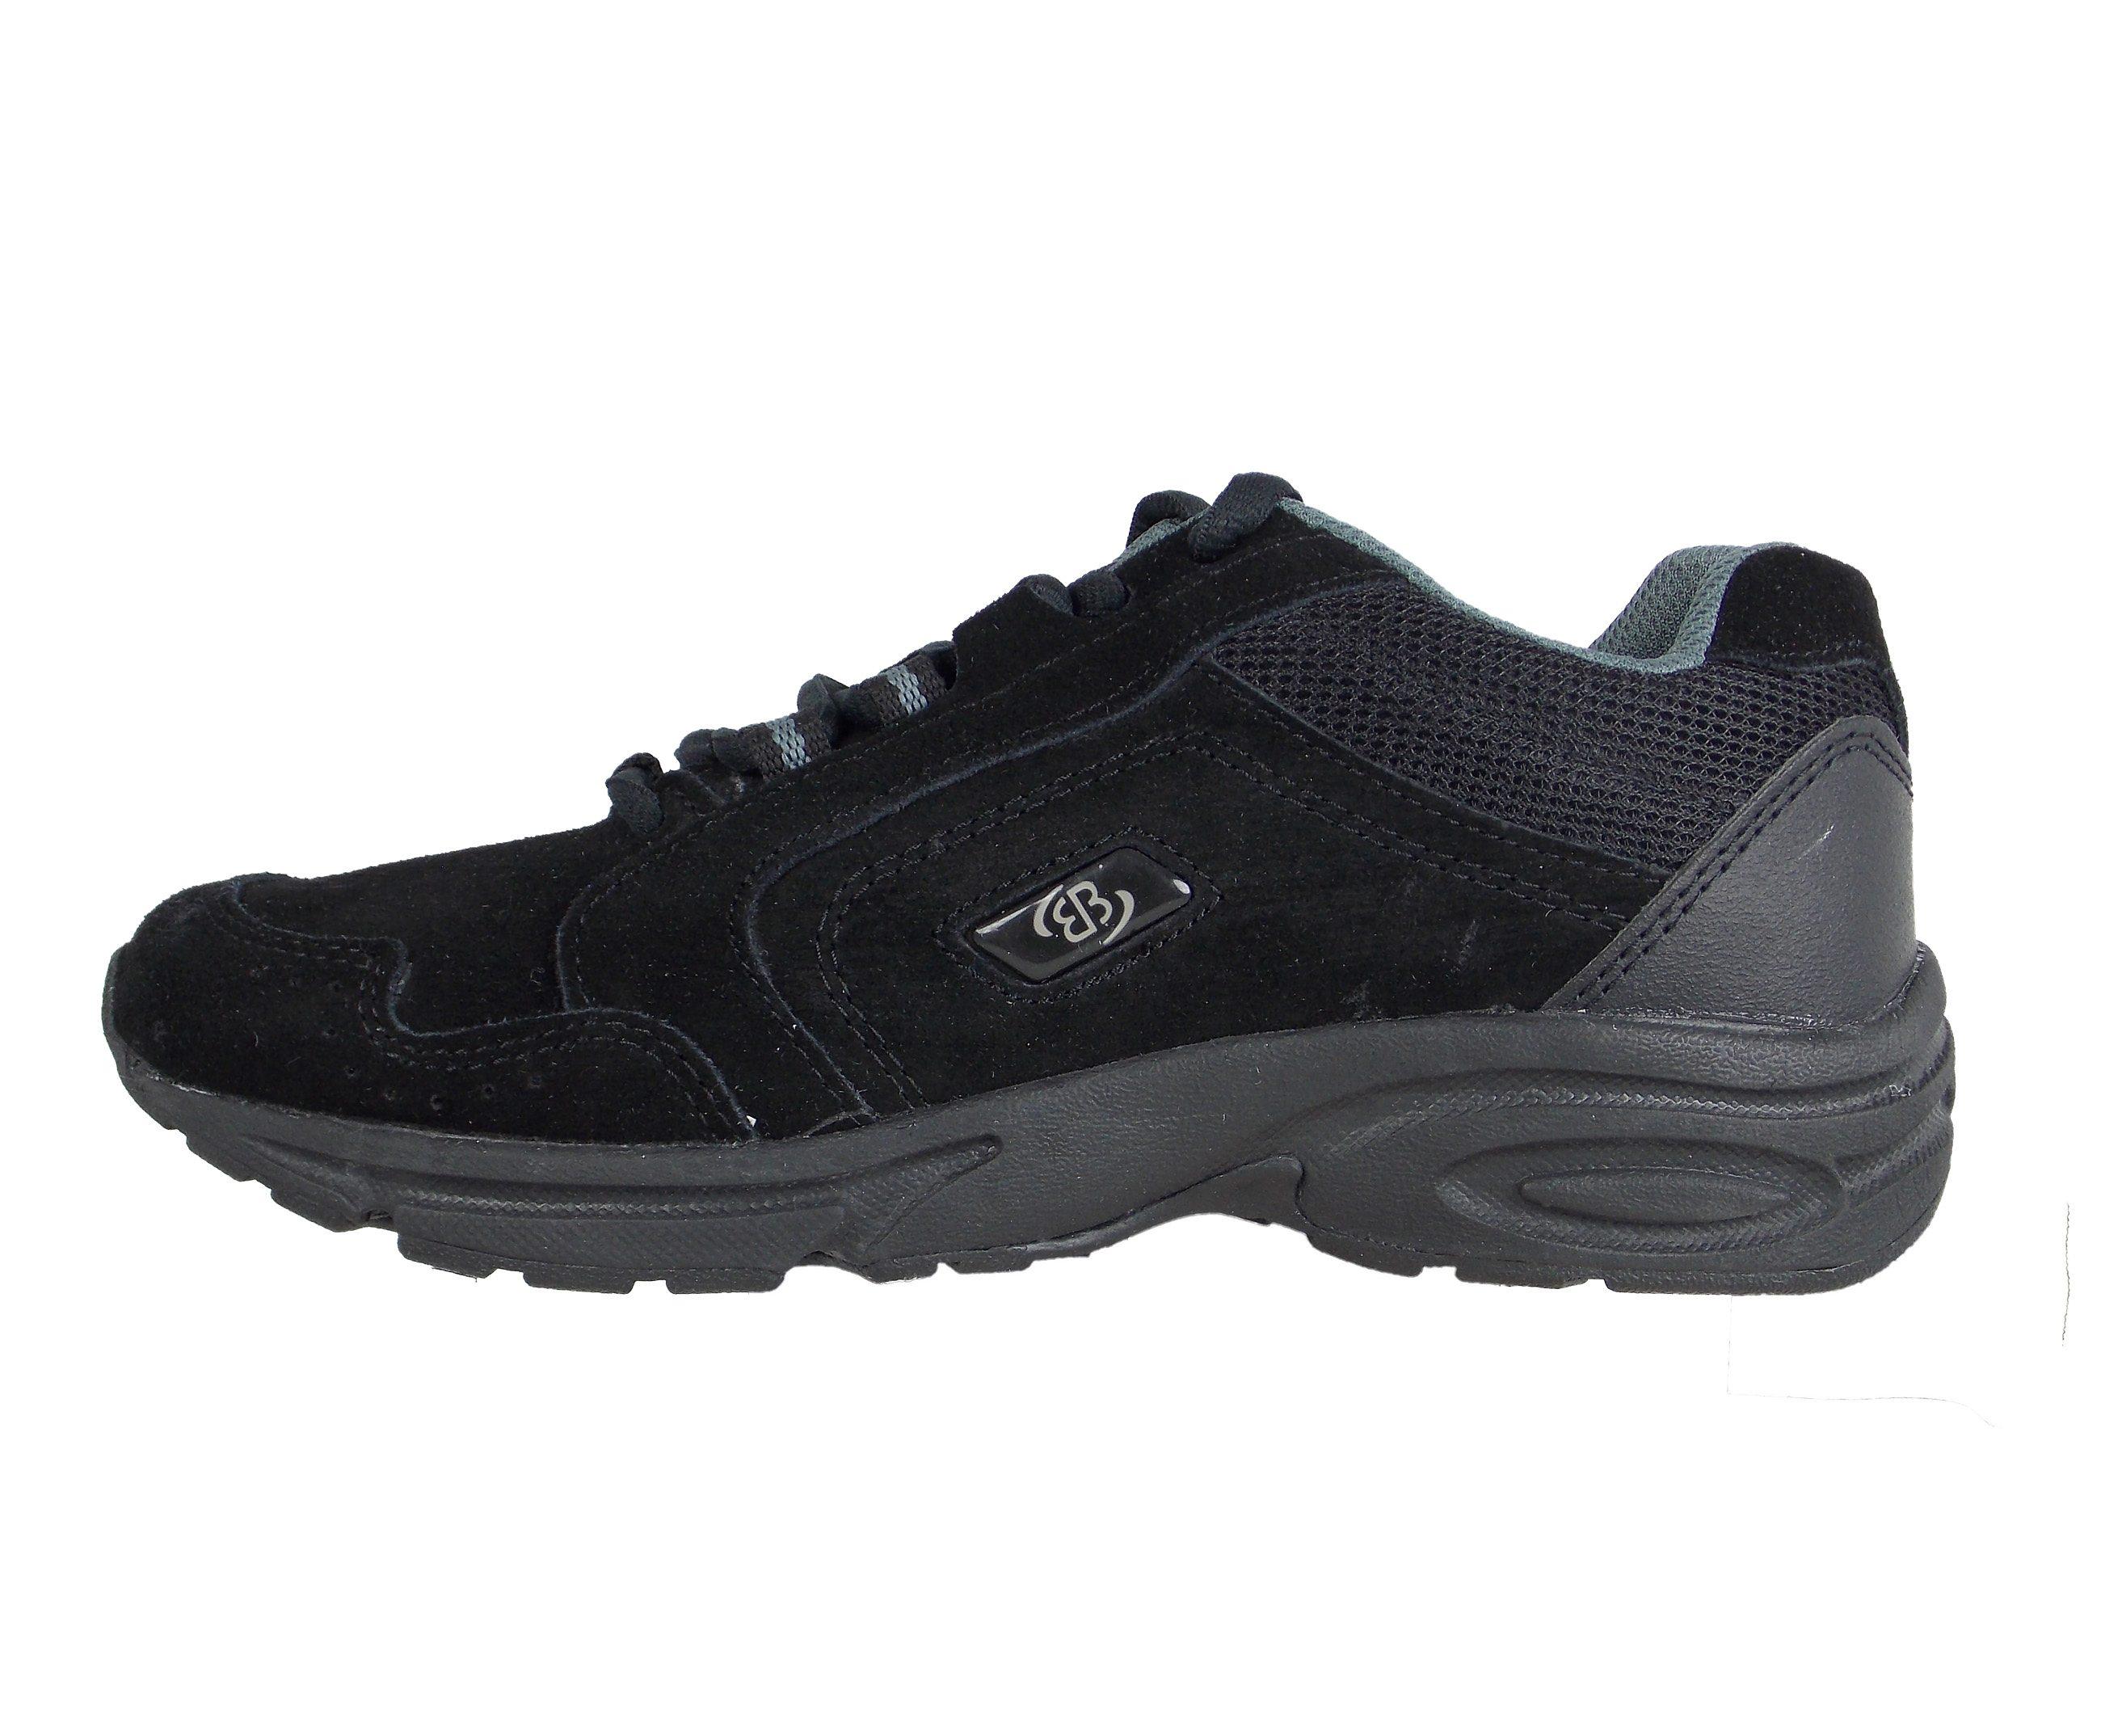 Brütting Nordic Walking Schuh mit dämpfungsaktiver Laufsohle CIRCLE online kaufen  SCHWARZ#ft5_slash#SILBER